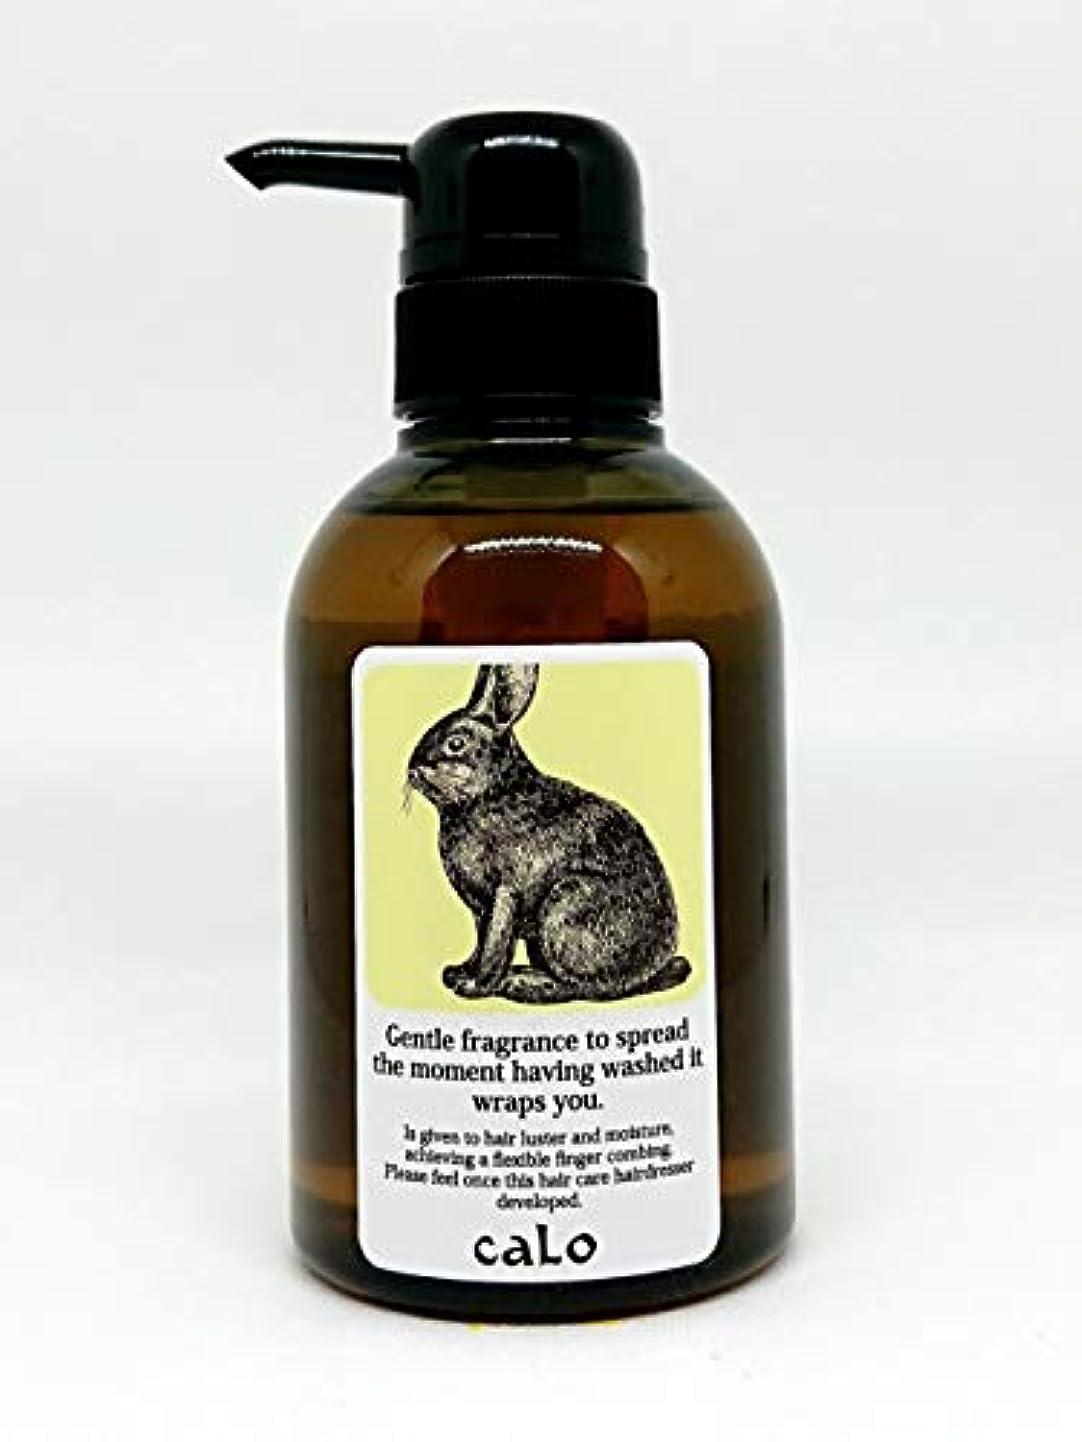 シール力タイムリーなカロシャンプー Be 精油のみの香り 香料不使用 バスルームの癒し ストレス緩和 子供用シャンプー アロマ 柑橘系